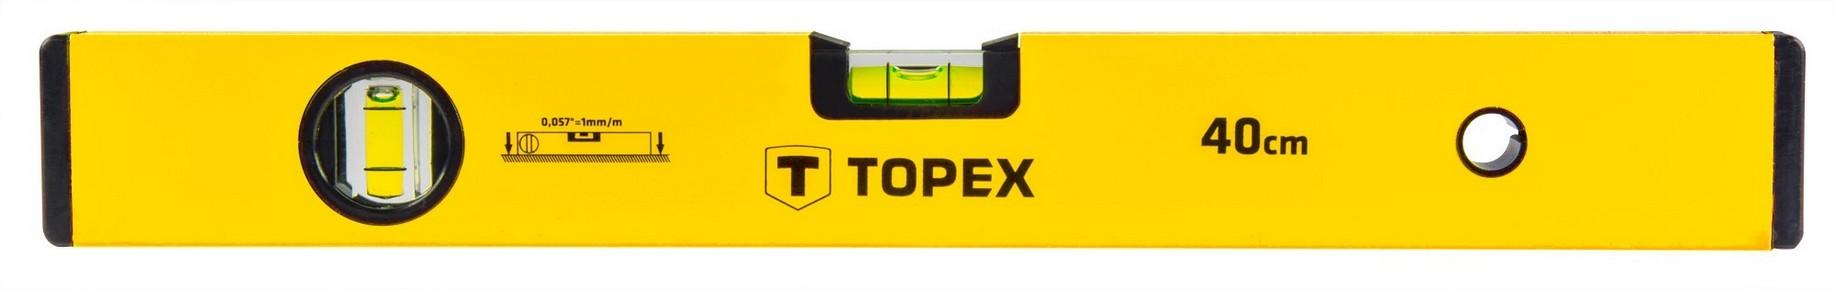 Vízmérték 40 cm 2 libellás | TOPEX 29C501